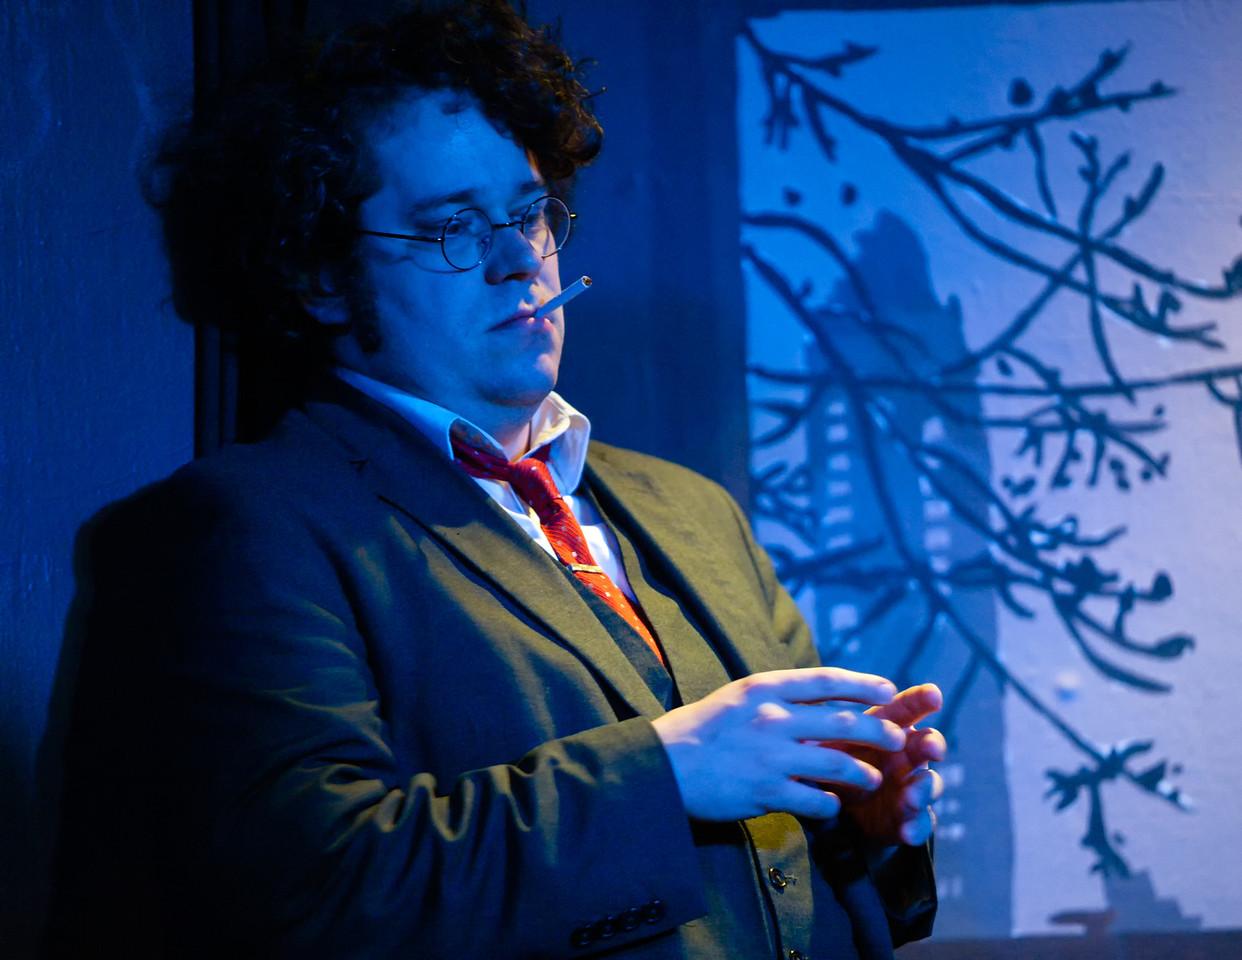 The Violet Underbelly - Improvised Film Noir - April 16, 2011